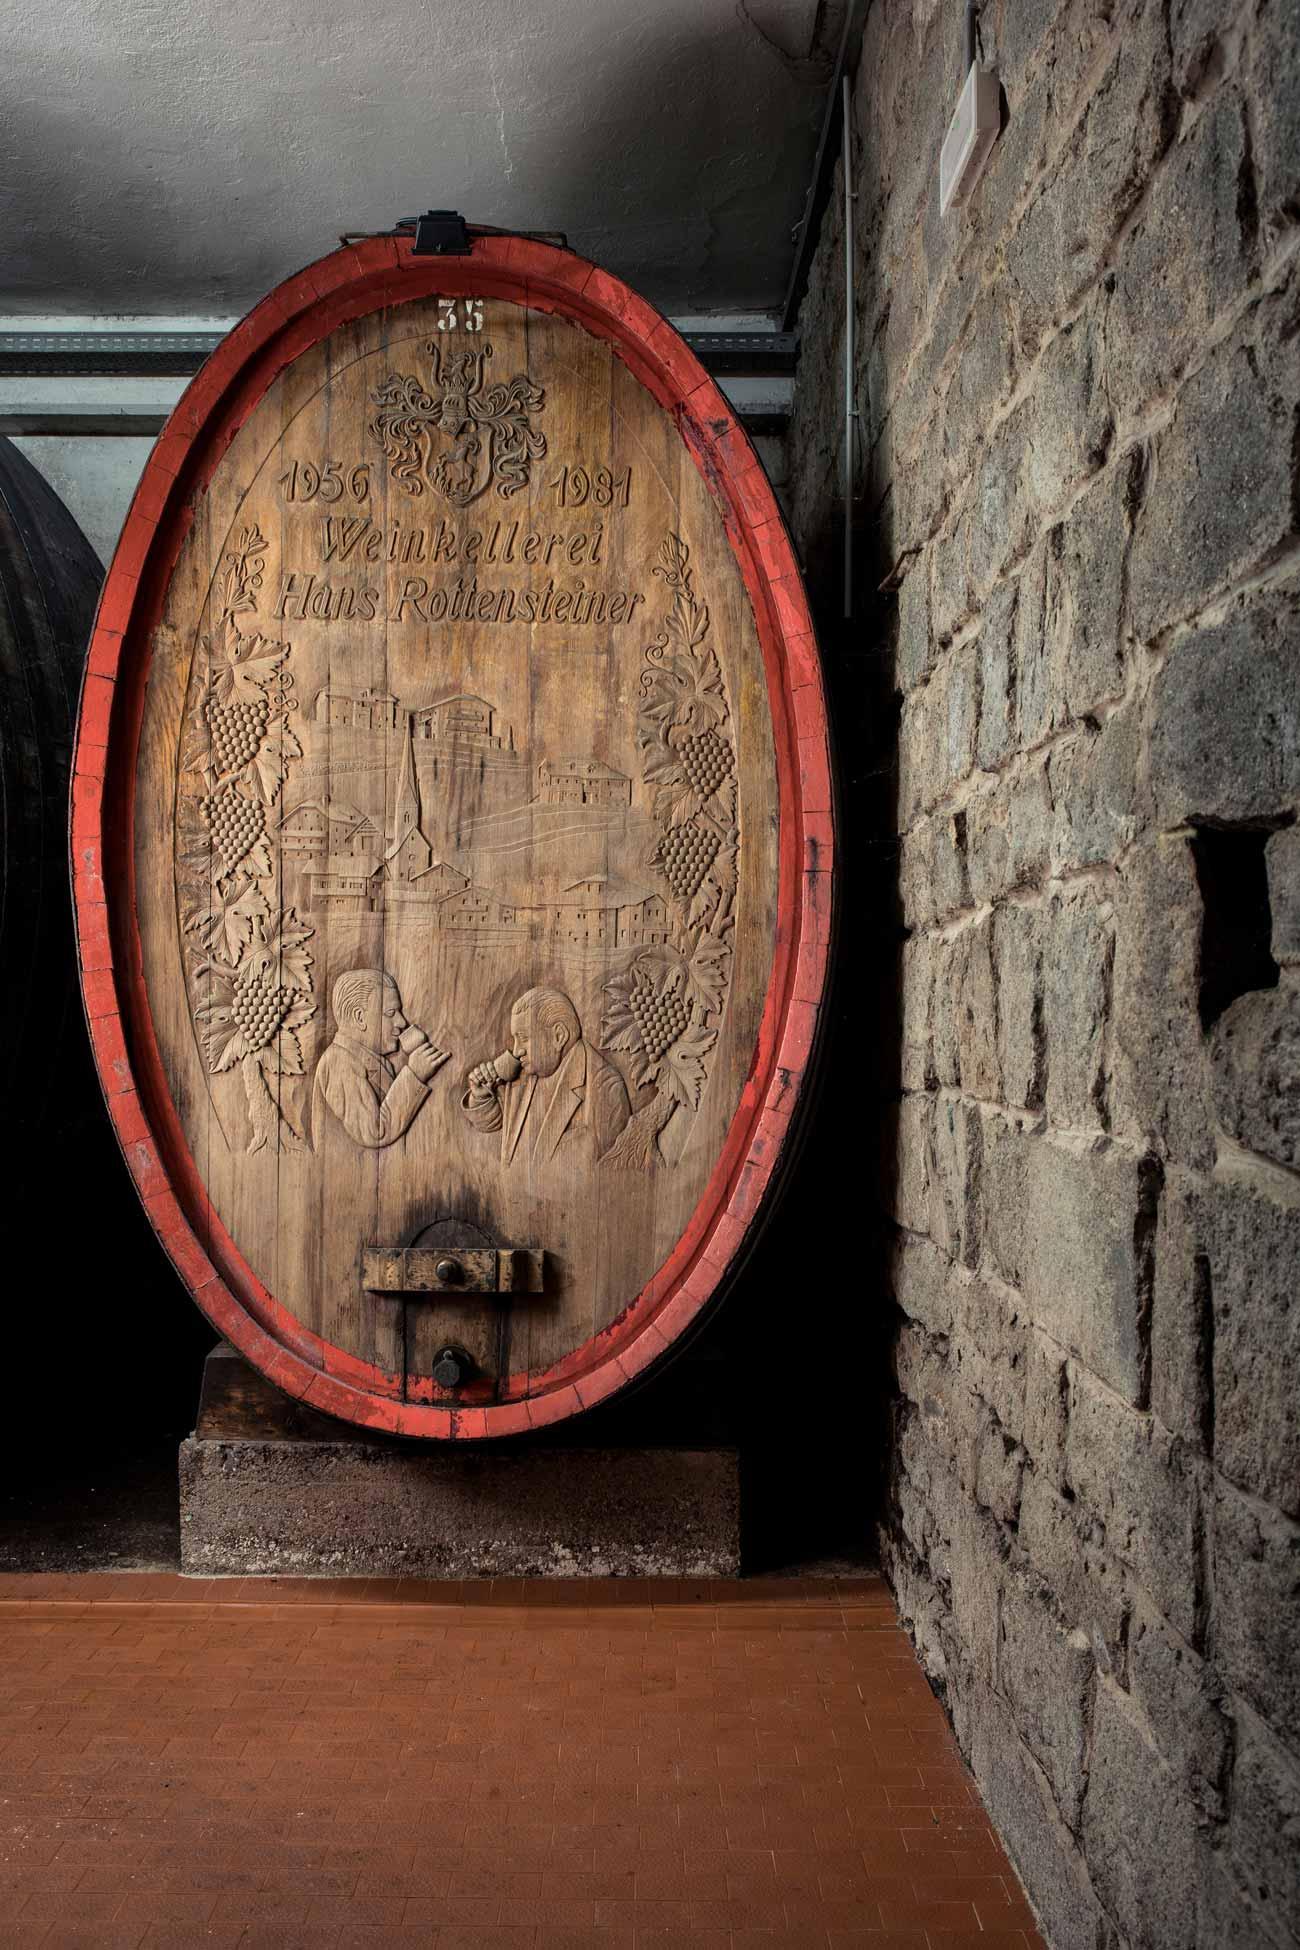 Historisches-Weinfass-im-Keller